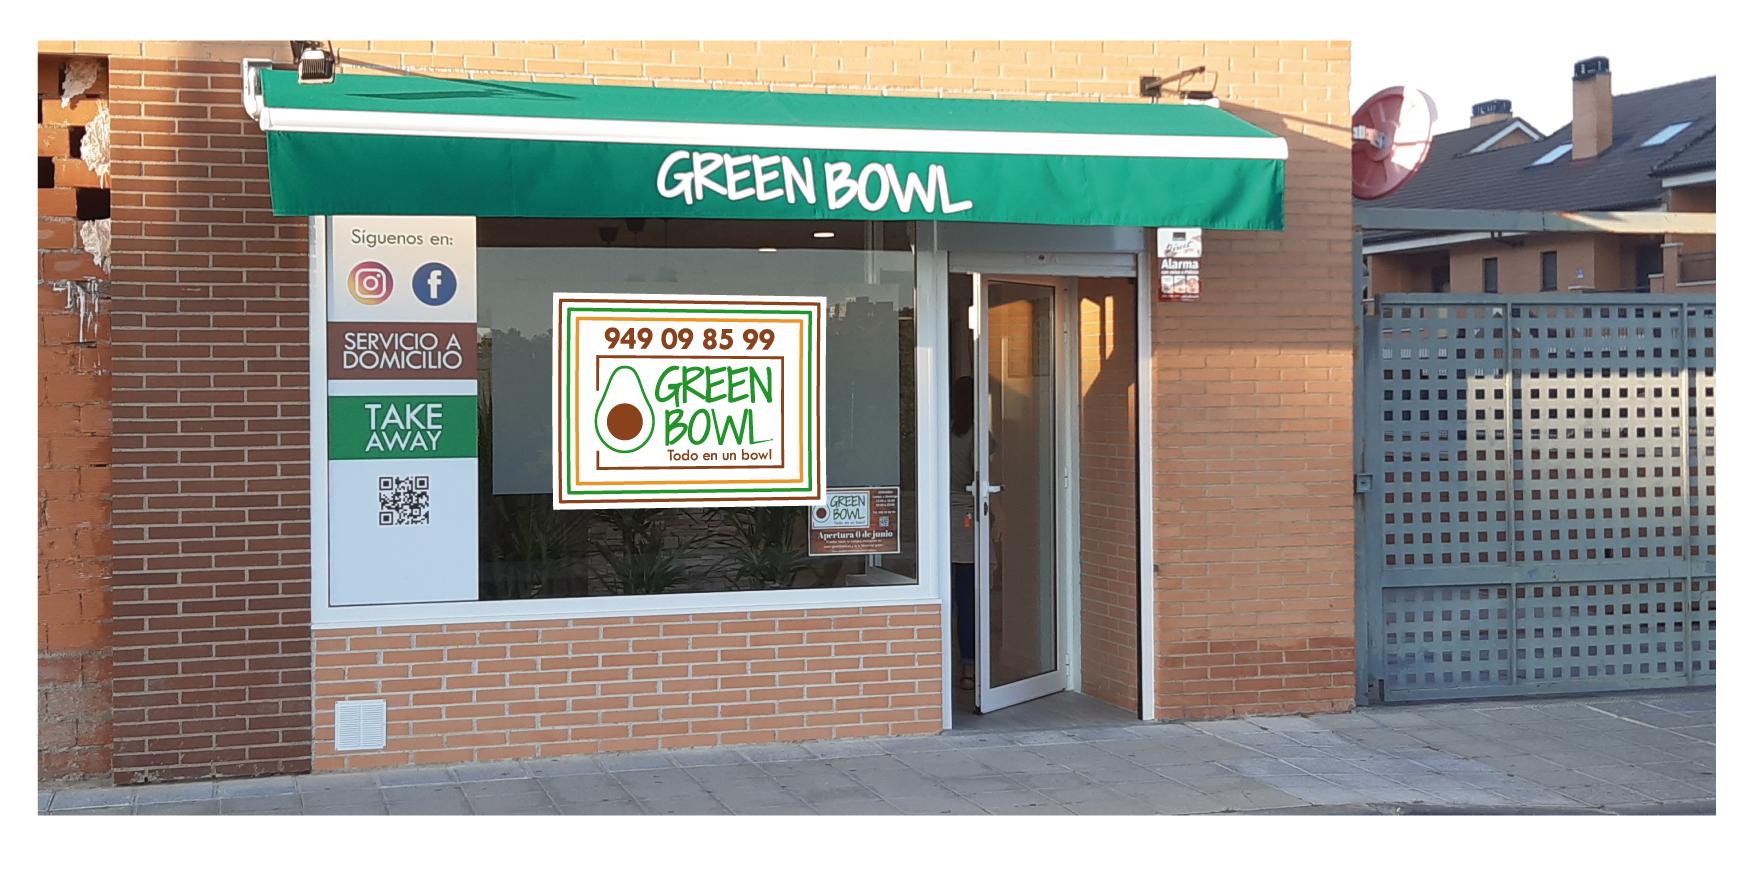 Fotografía de la fachad a de un local de venta de productos de la marca green bowl en España